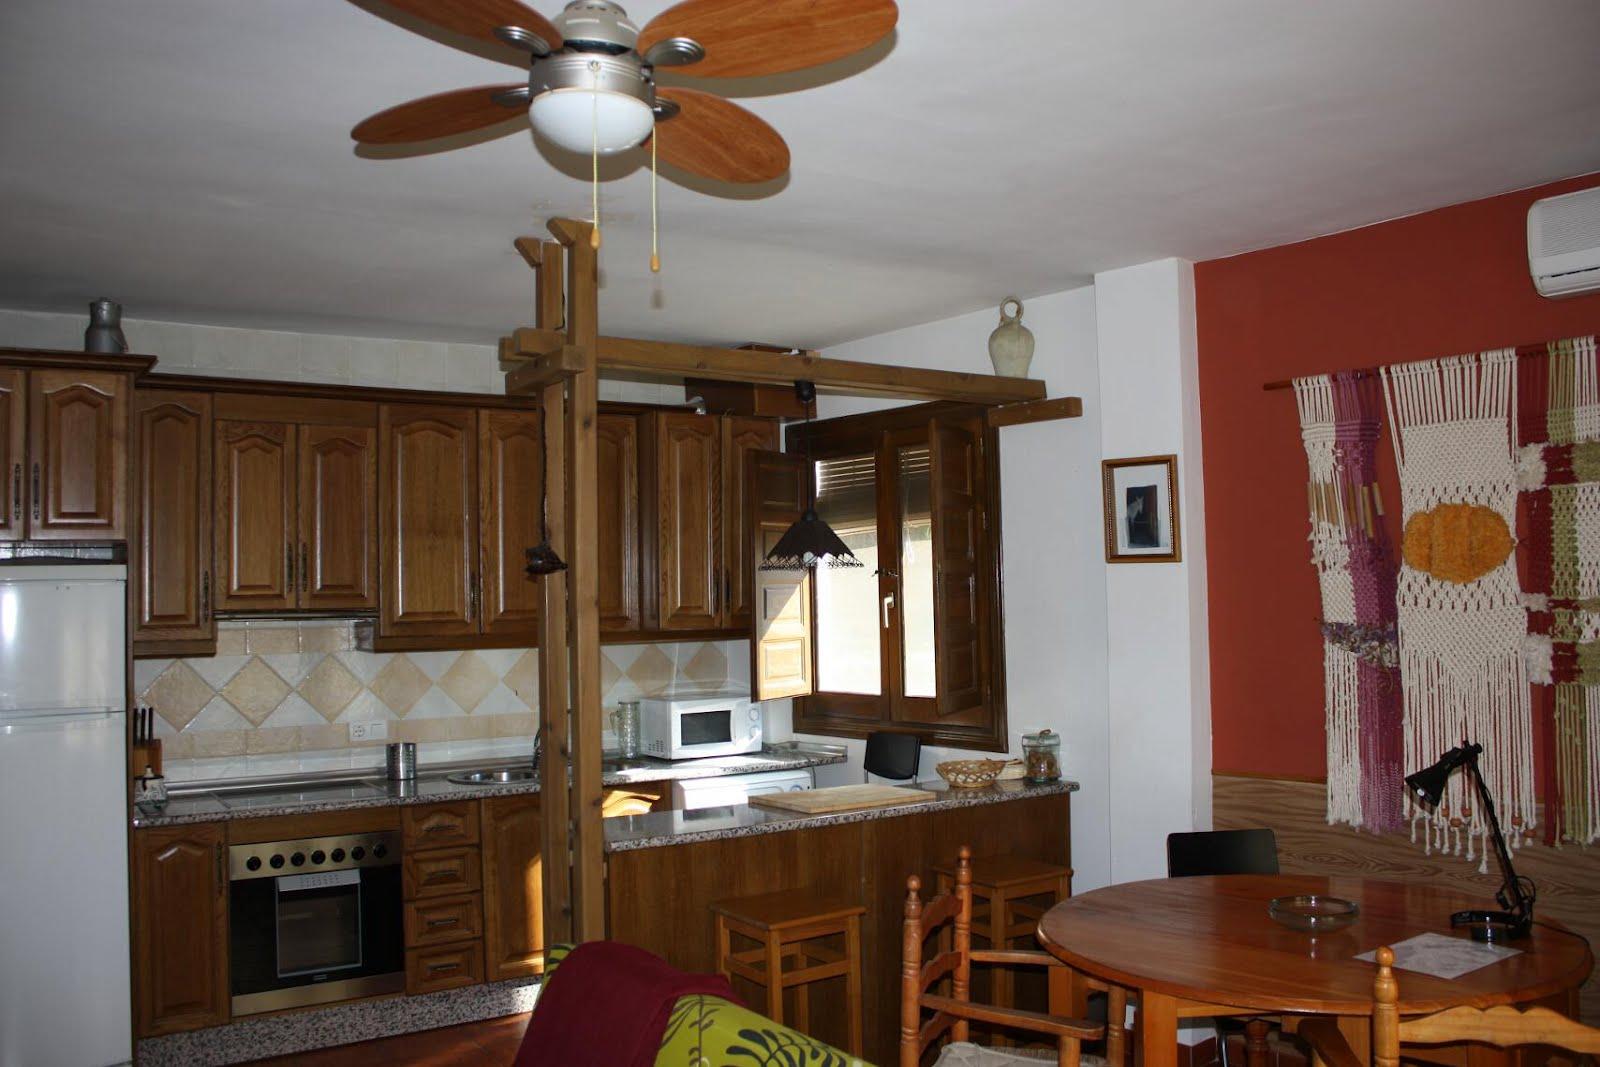 Descripci n de la casa alojamiento rural en ohanes - Cocinar en la chimenea ...